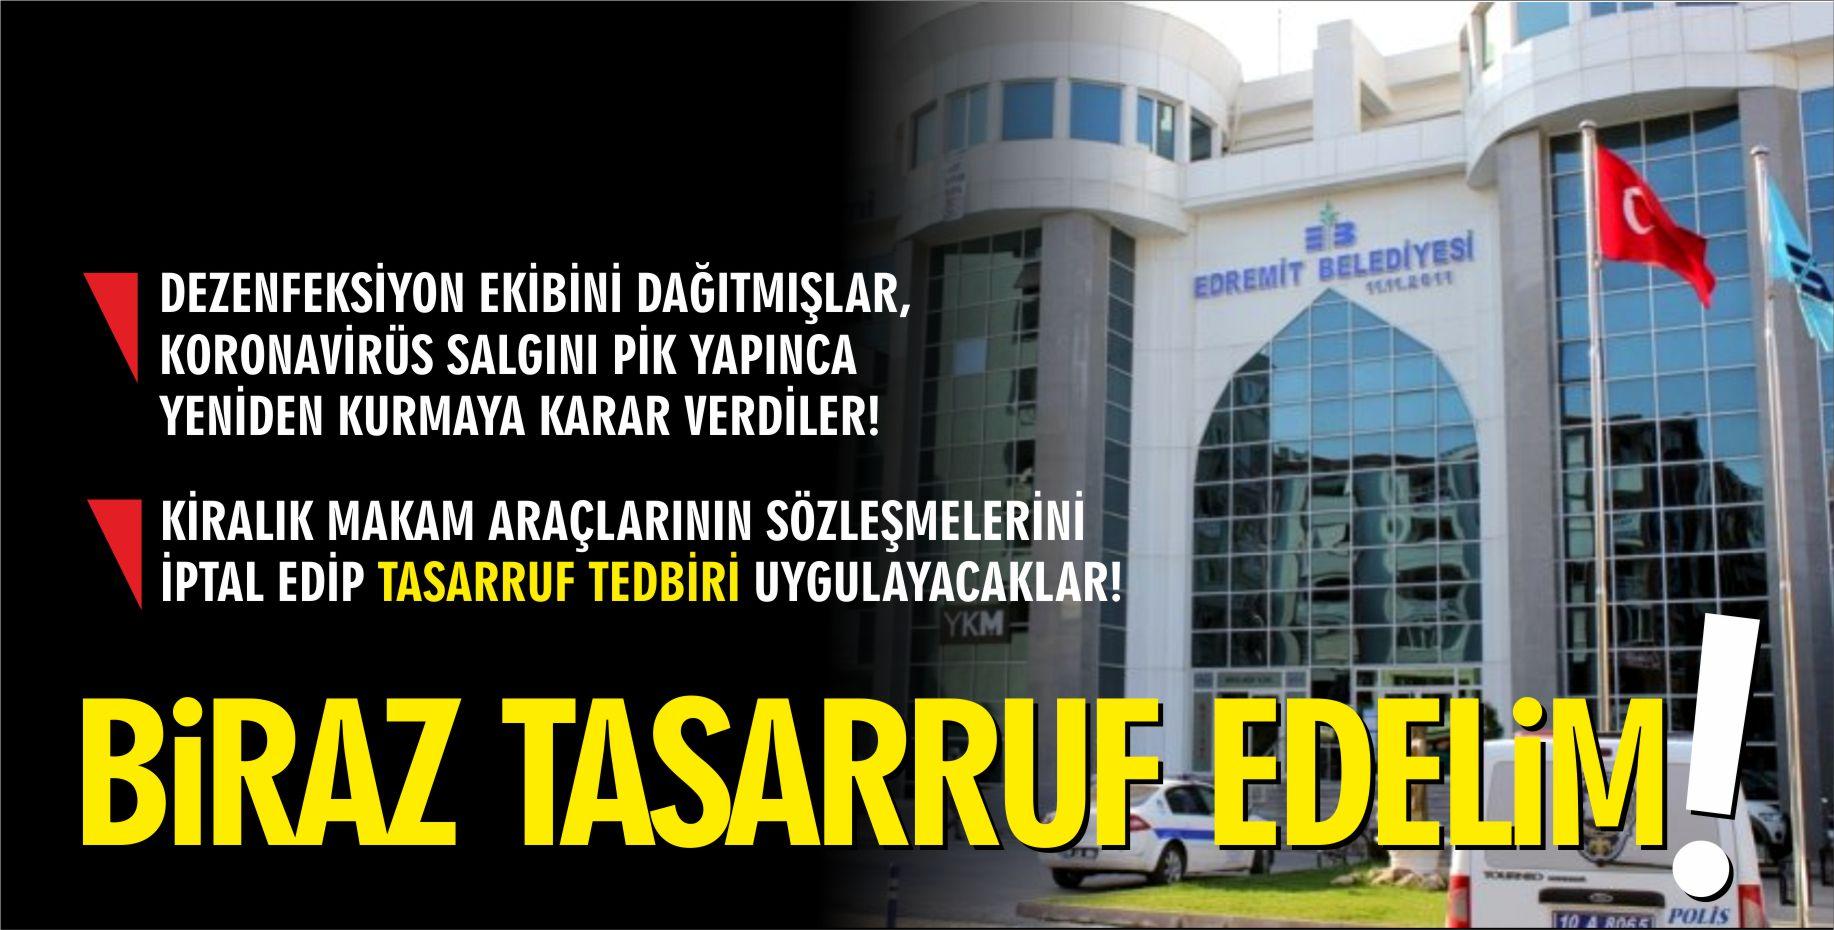 BİRAZ TASARRUF EDELİM!